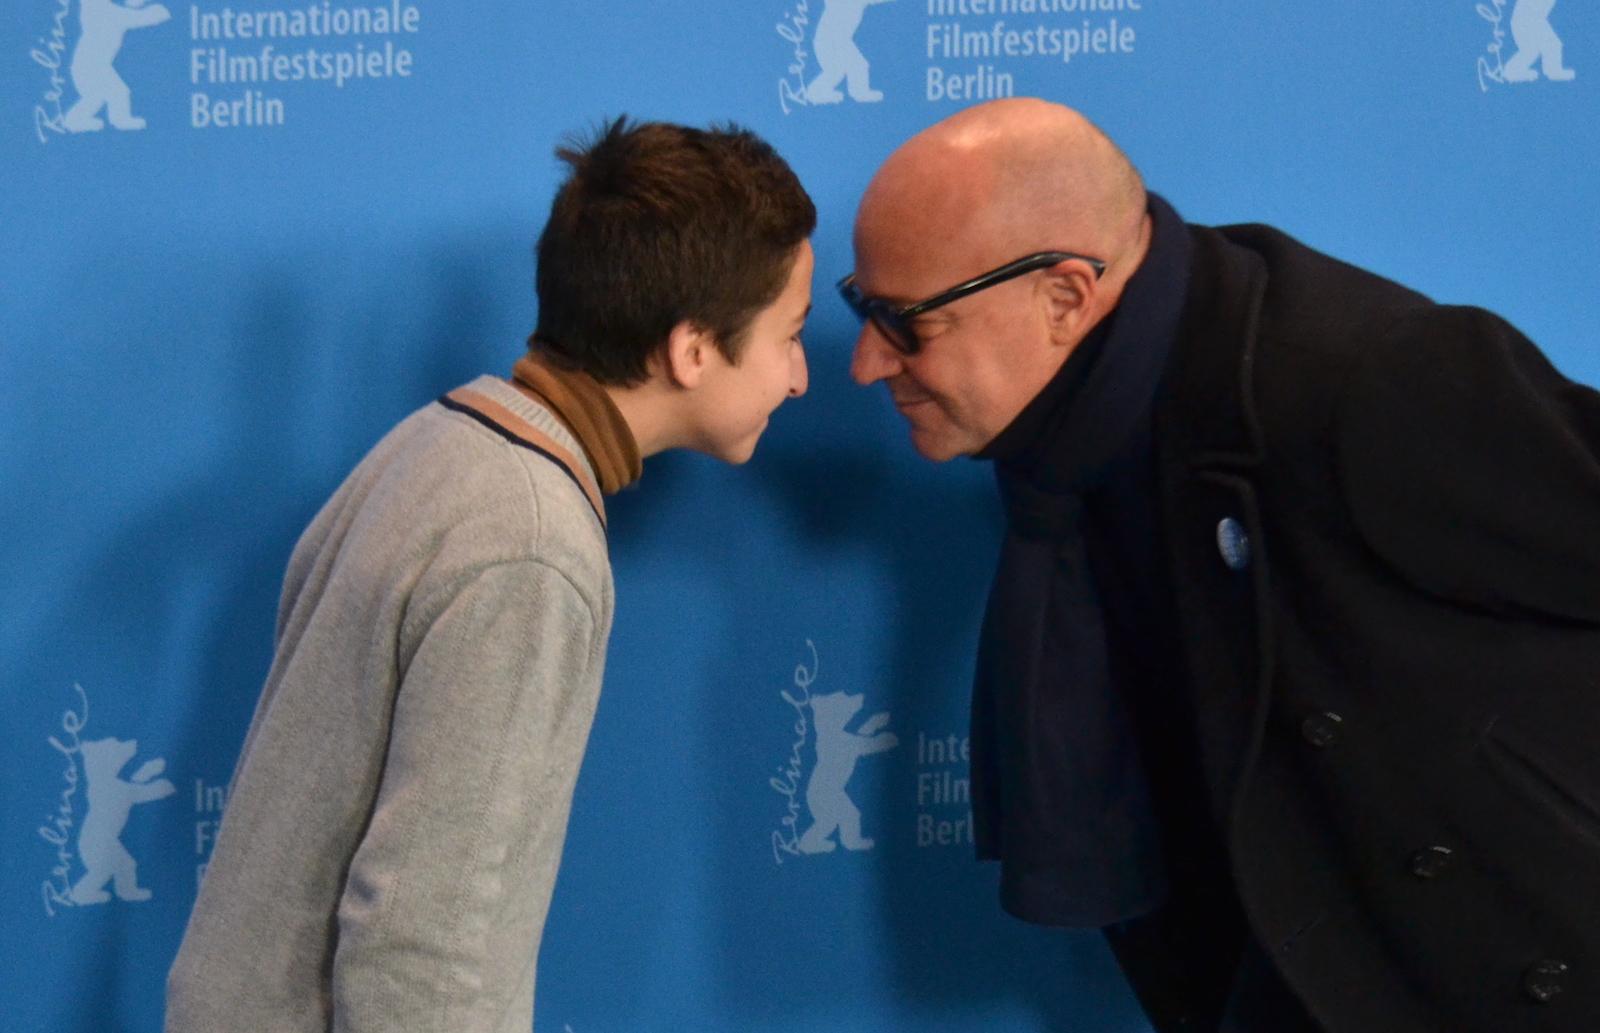 Berlino 2016: Gianfranco Rosi e Samuele Puccillo scherzano al photocall di Fuocoammare